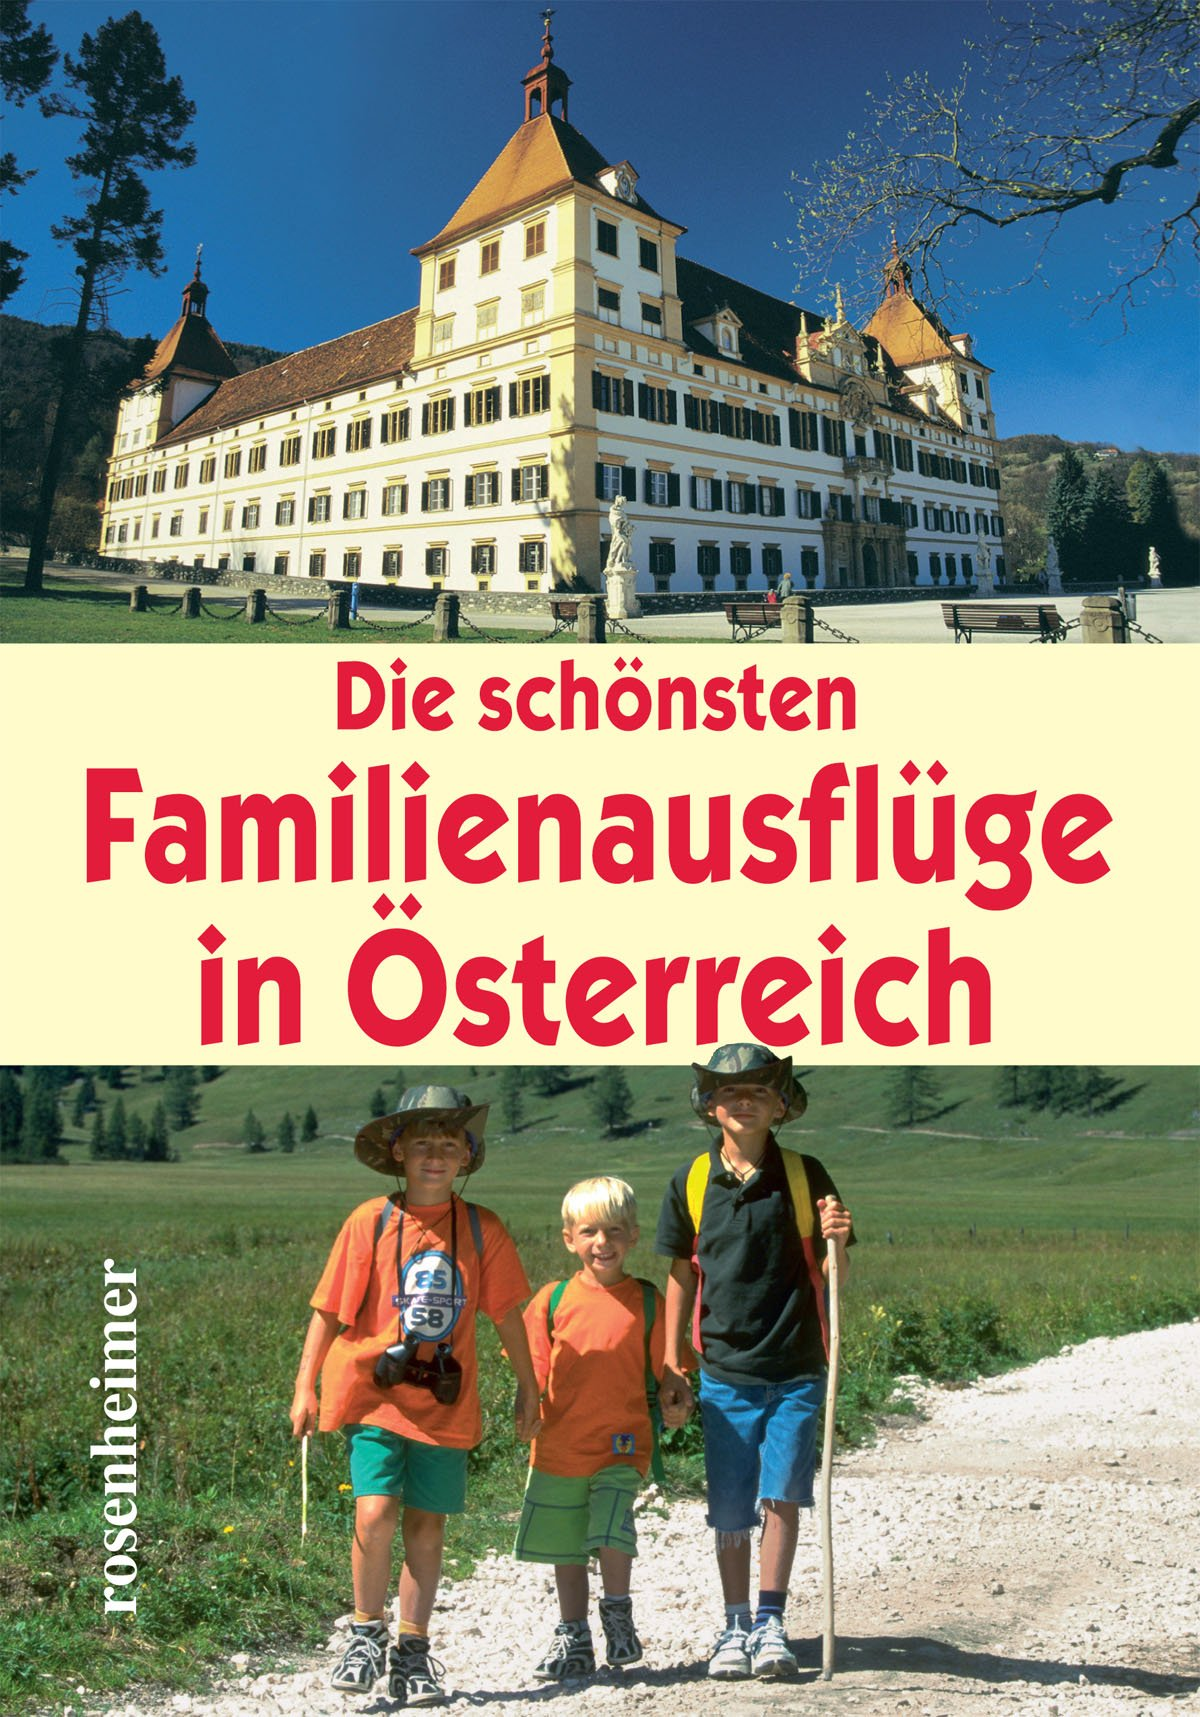 Die schönsten Familienausflüge in Österreich